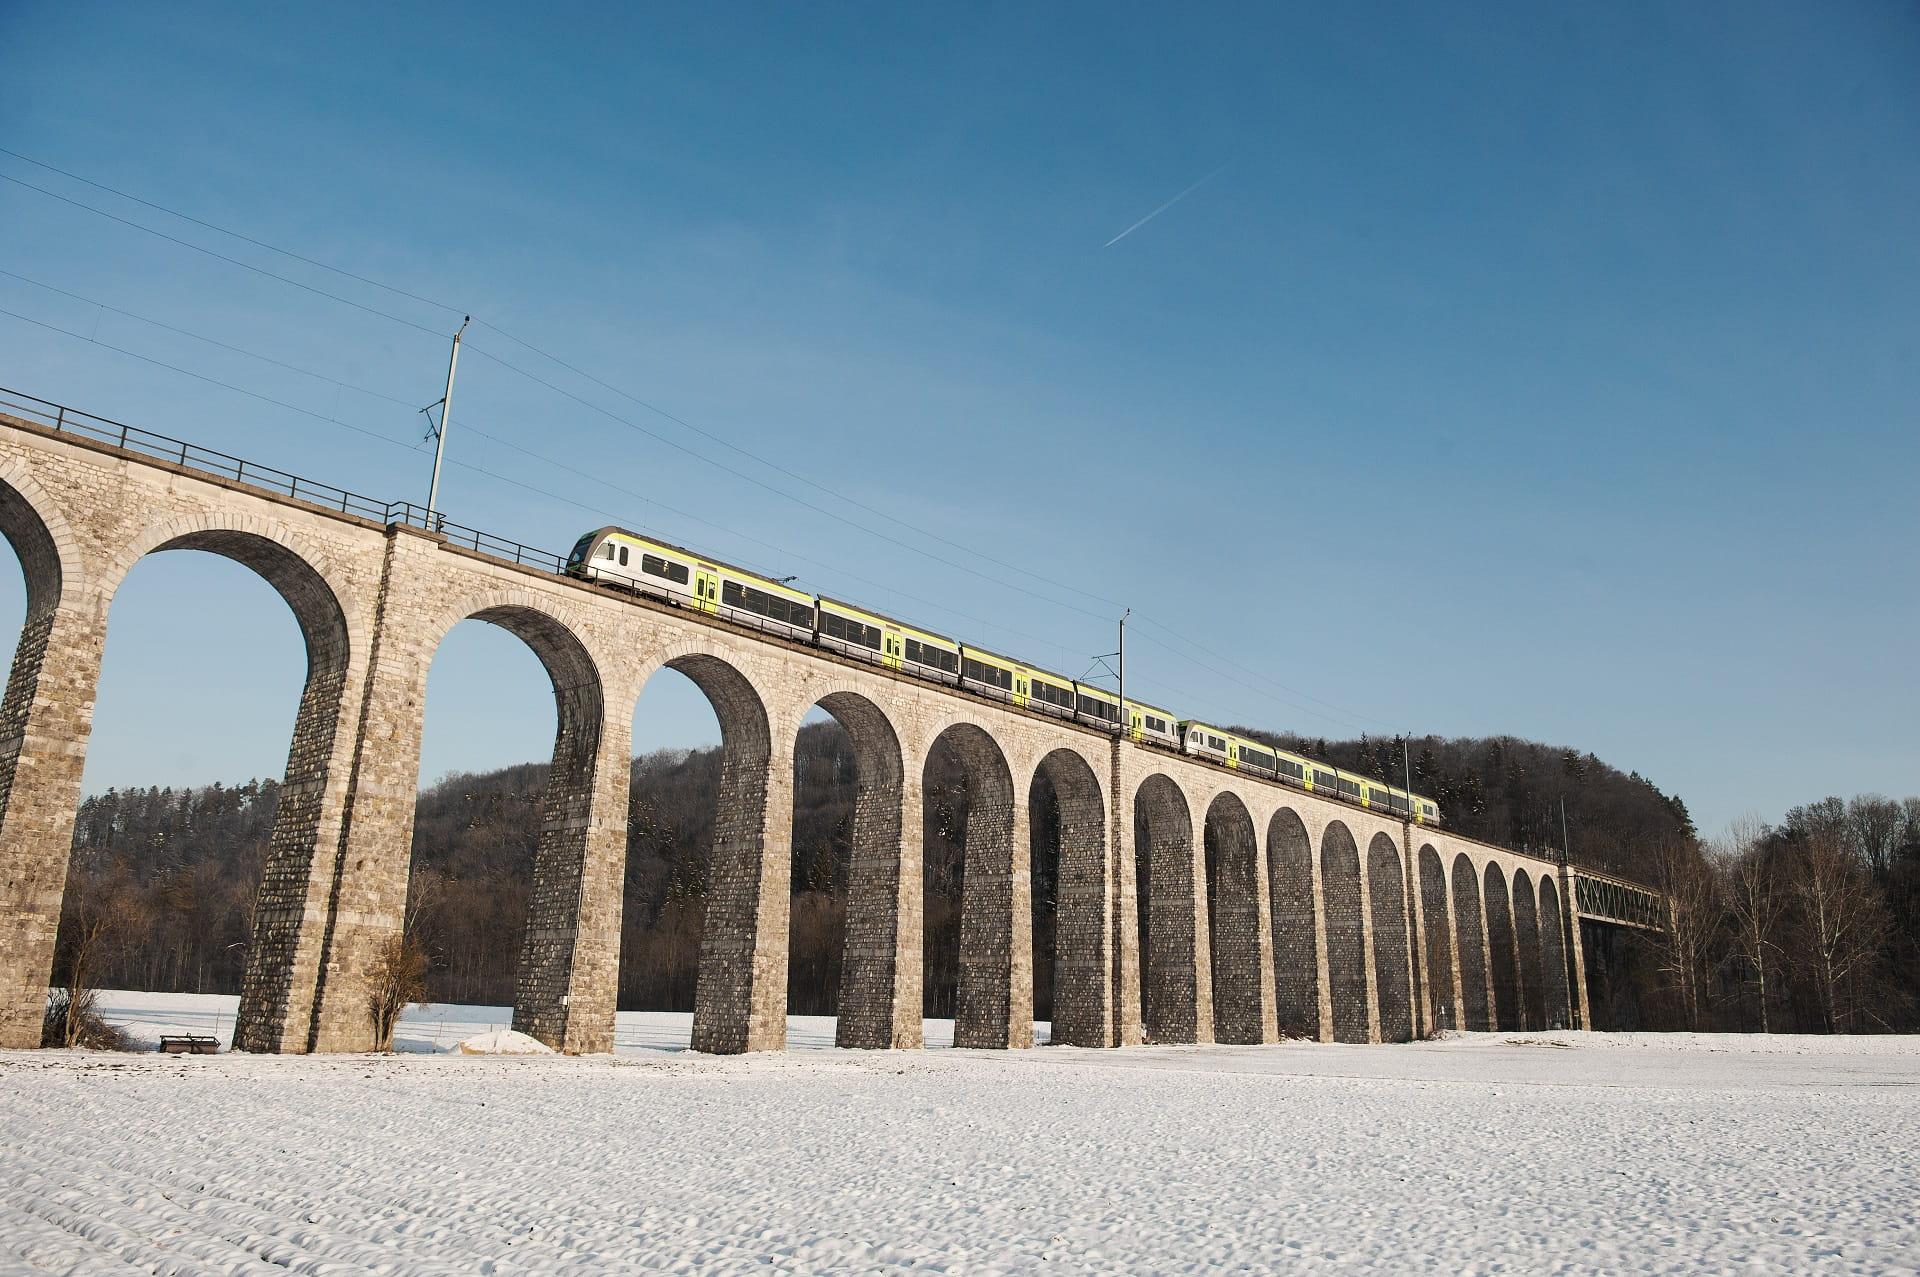 Bahnrundreise mit dem RegioExpress Lötschberger im Winter